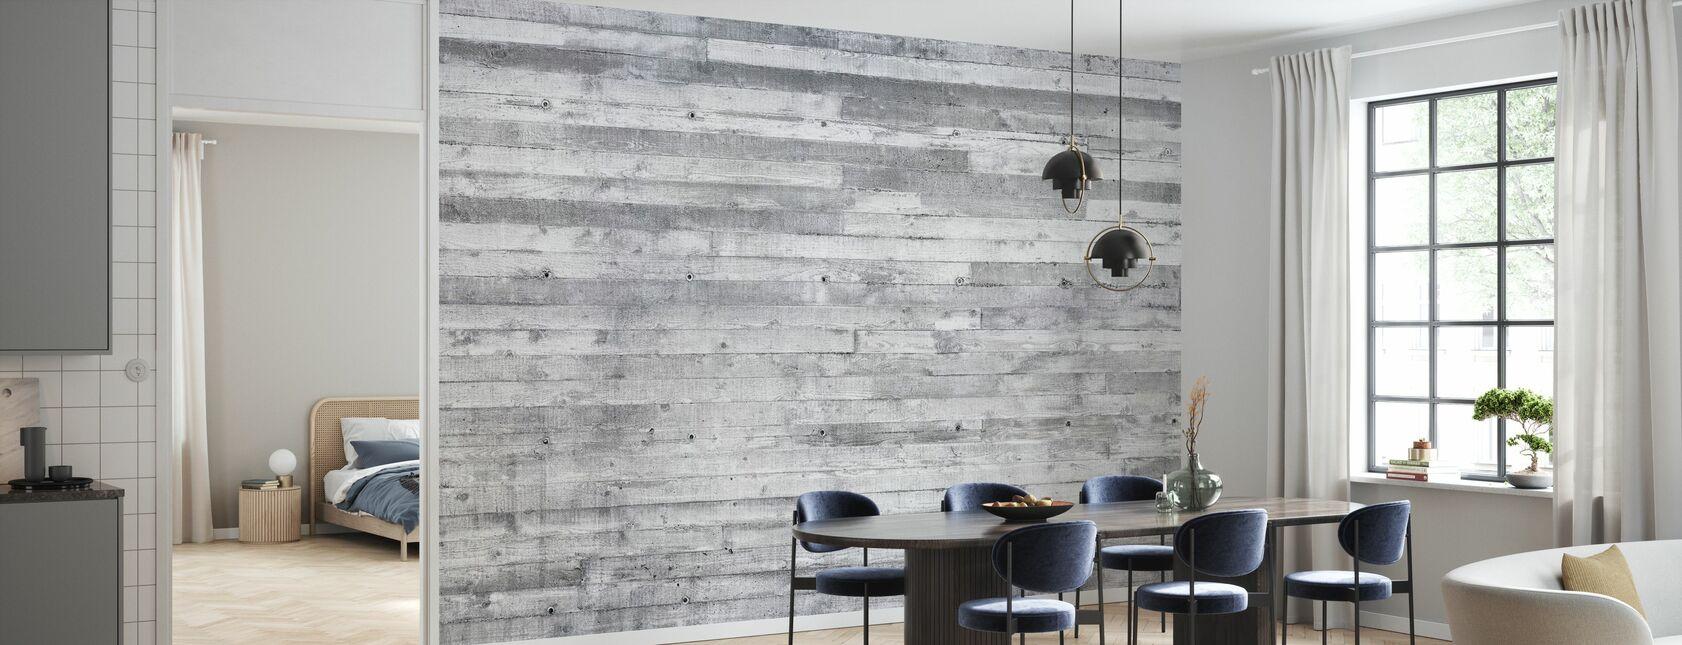 Betong Wall Horisontale Planker - Tapet - Kjøkken